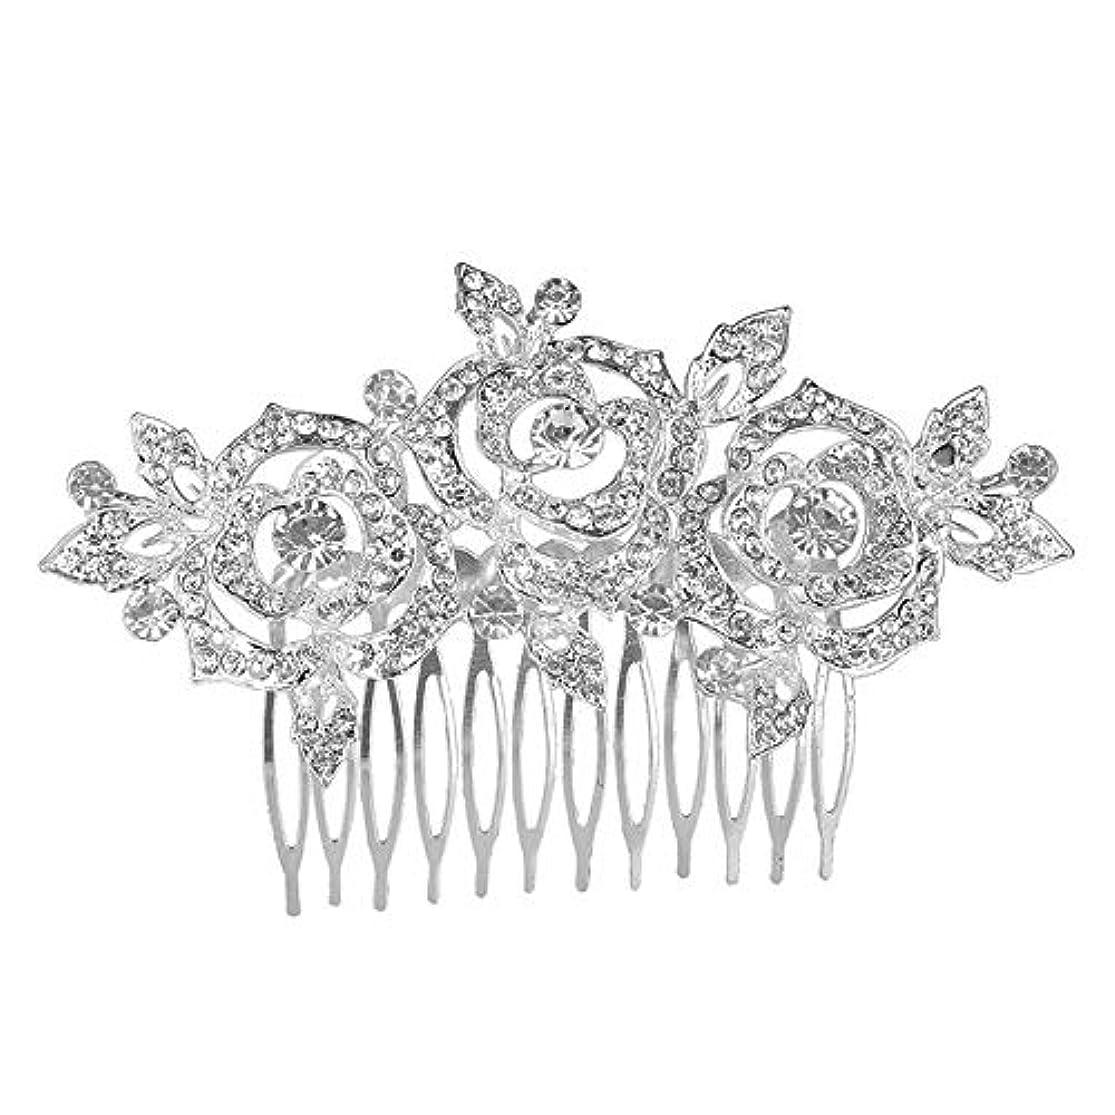 先入観デジタルヒップ髪の櫛挿入櫛花嫁の髪櫛クラウン髪の櫛結婚式の付属品櫛の髪の櫛花の櫛の櫛ブライダルヘッドドレス